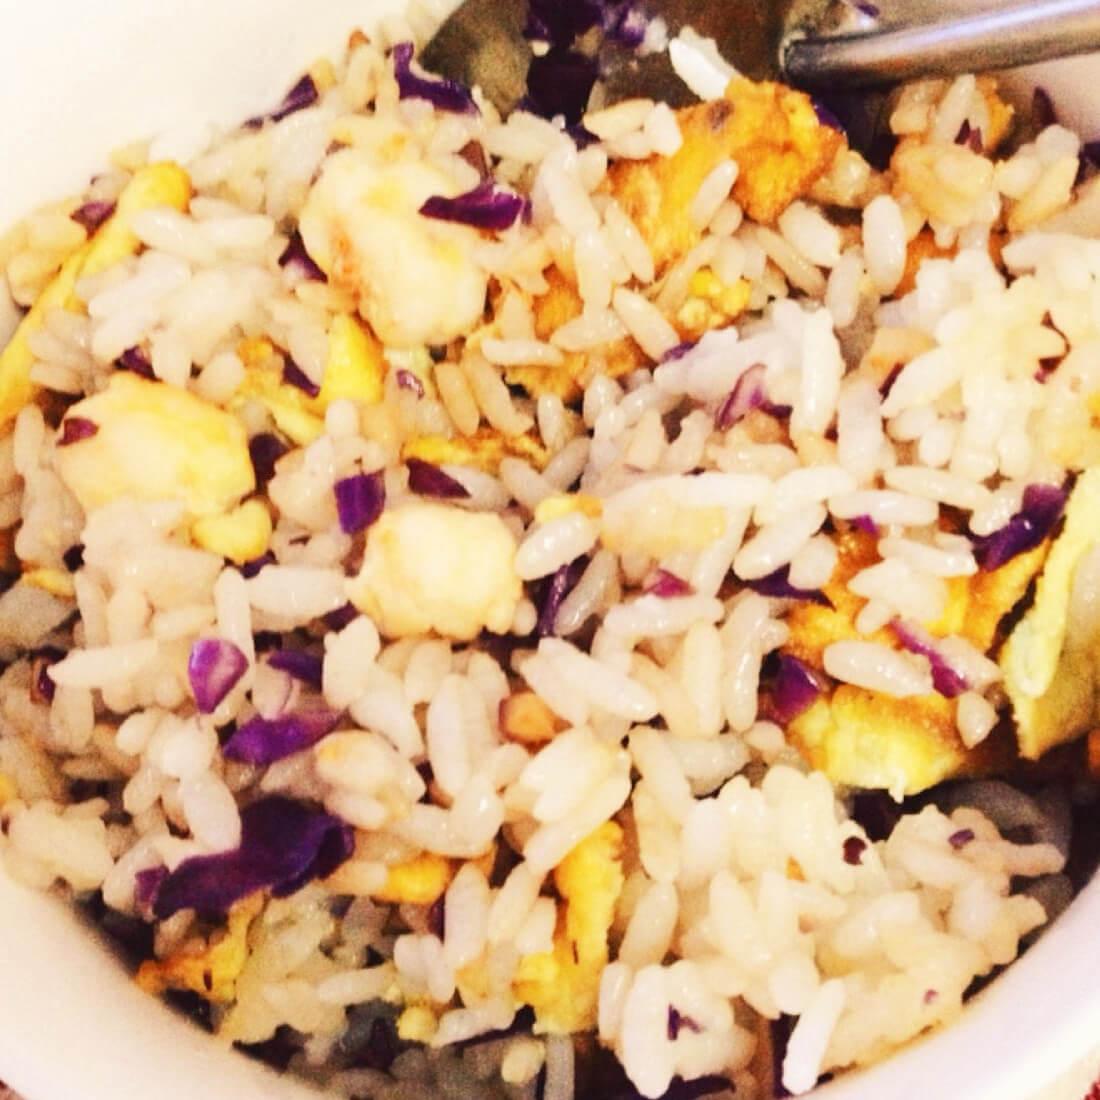 鸡蛋紫甘蓝炒饭